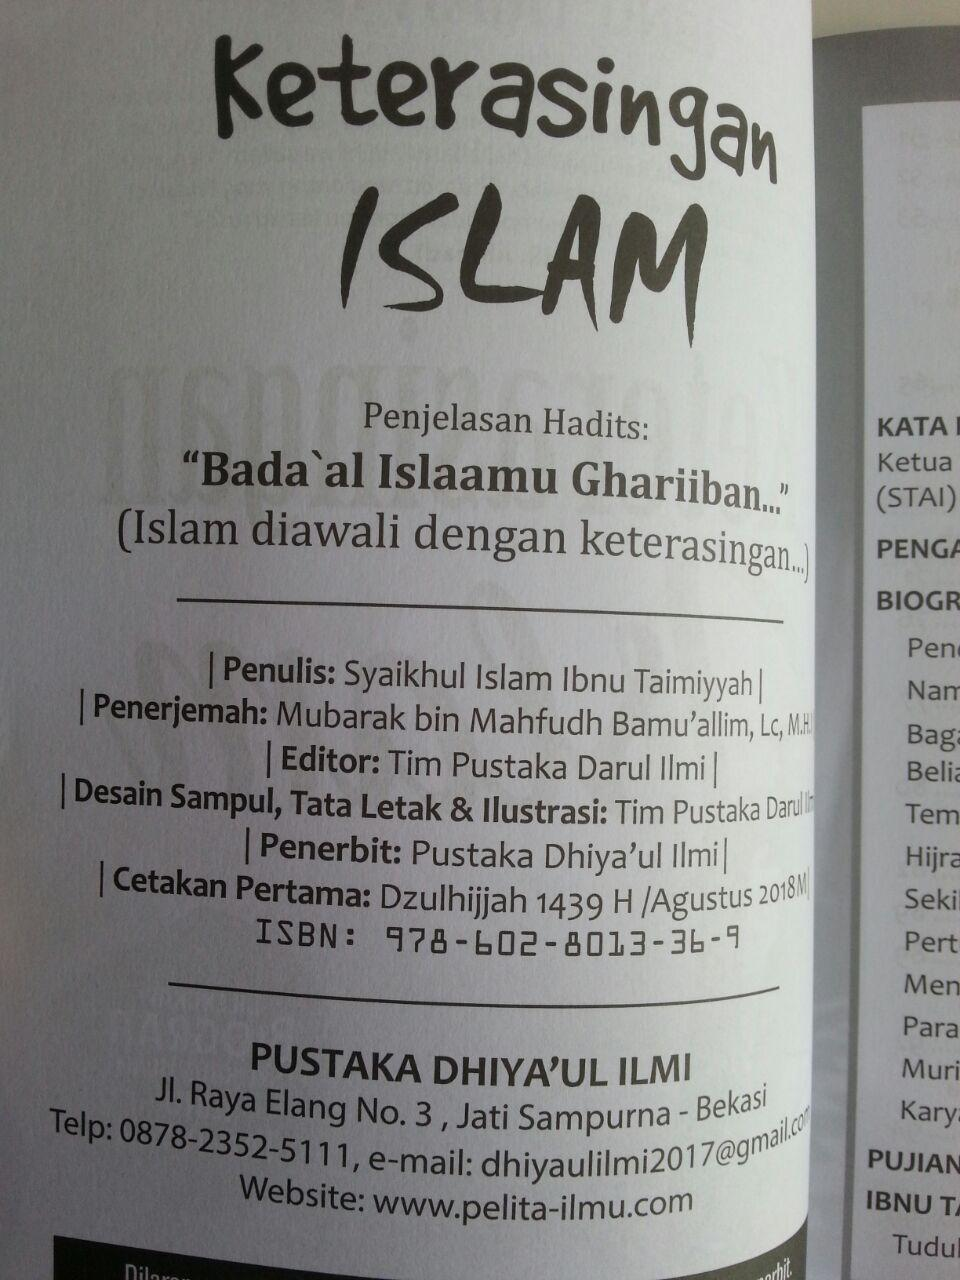 Buku Keterasingan Islam Dilengkapi Biografi Ibnu Taimiyyah isi